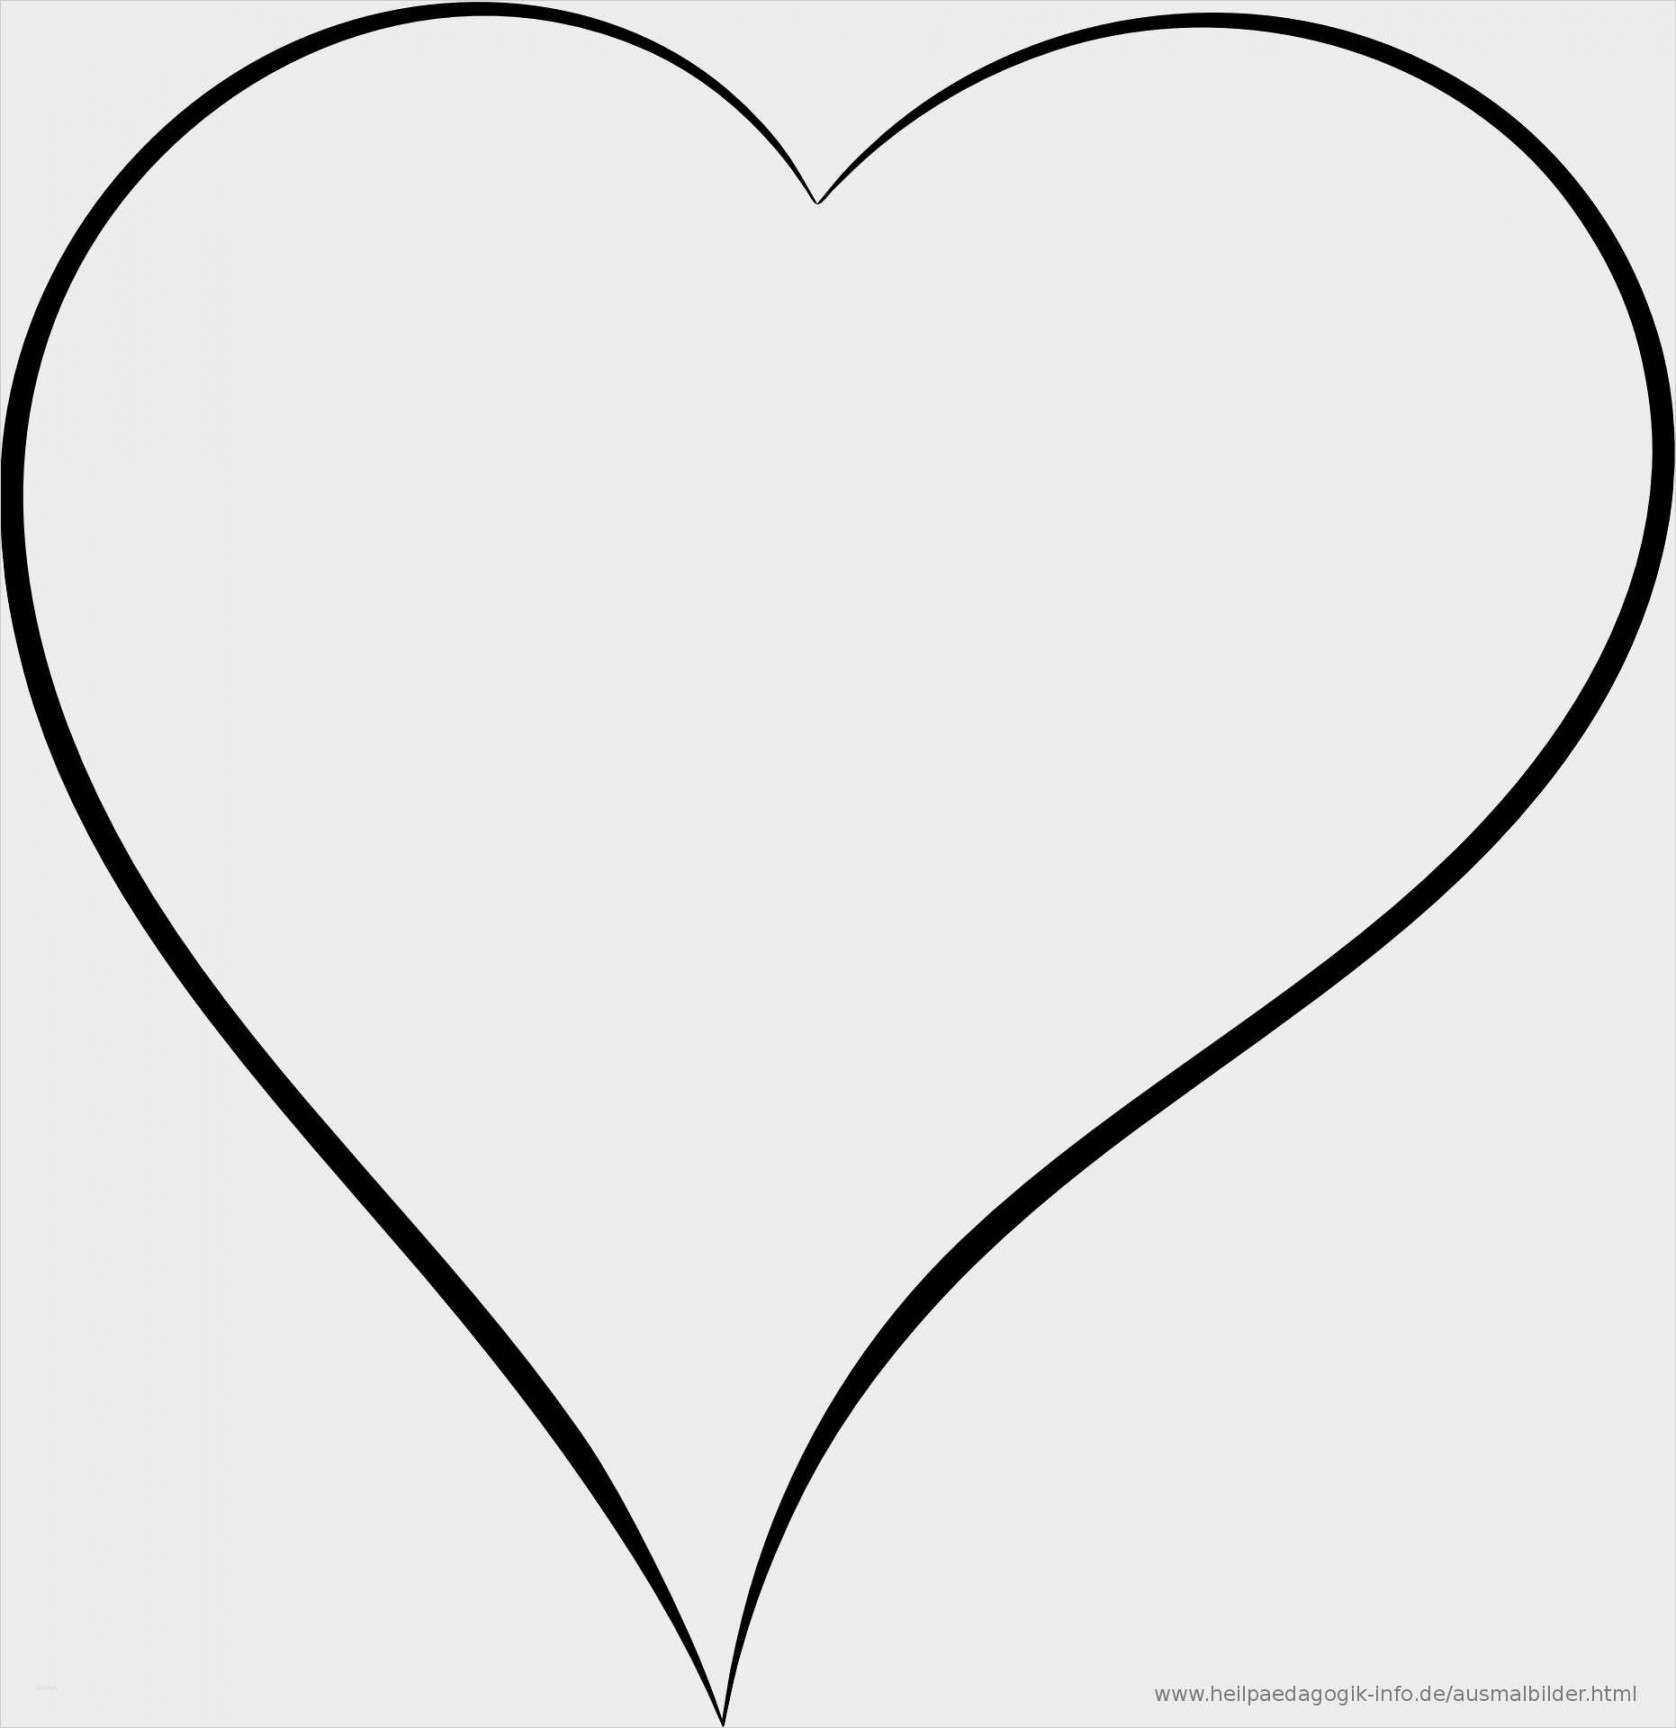 Luxurios Herz Ausdrucken New Herz Vorlage Zum Drucken Neu Herz Vorlage Zum In 2020 Herz Vorlage Herzschablone Ausdrucken